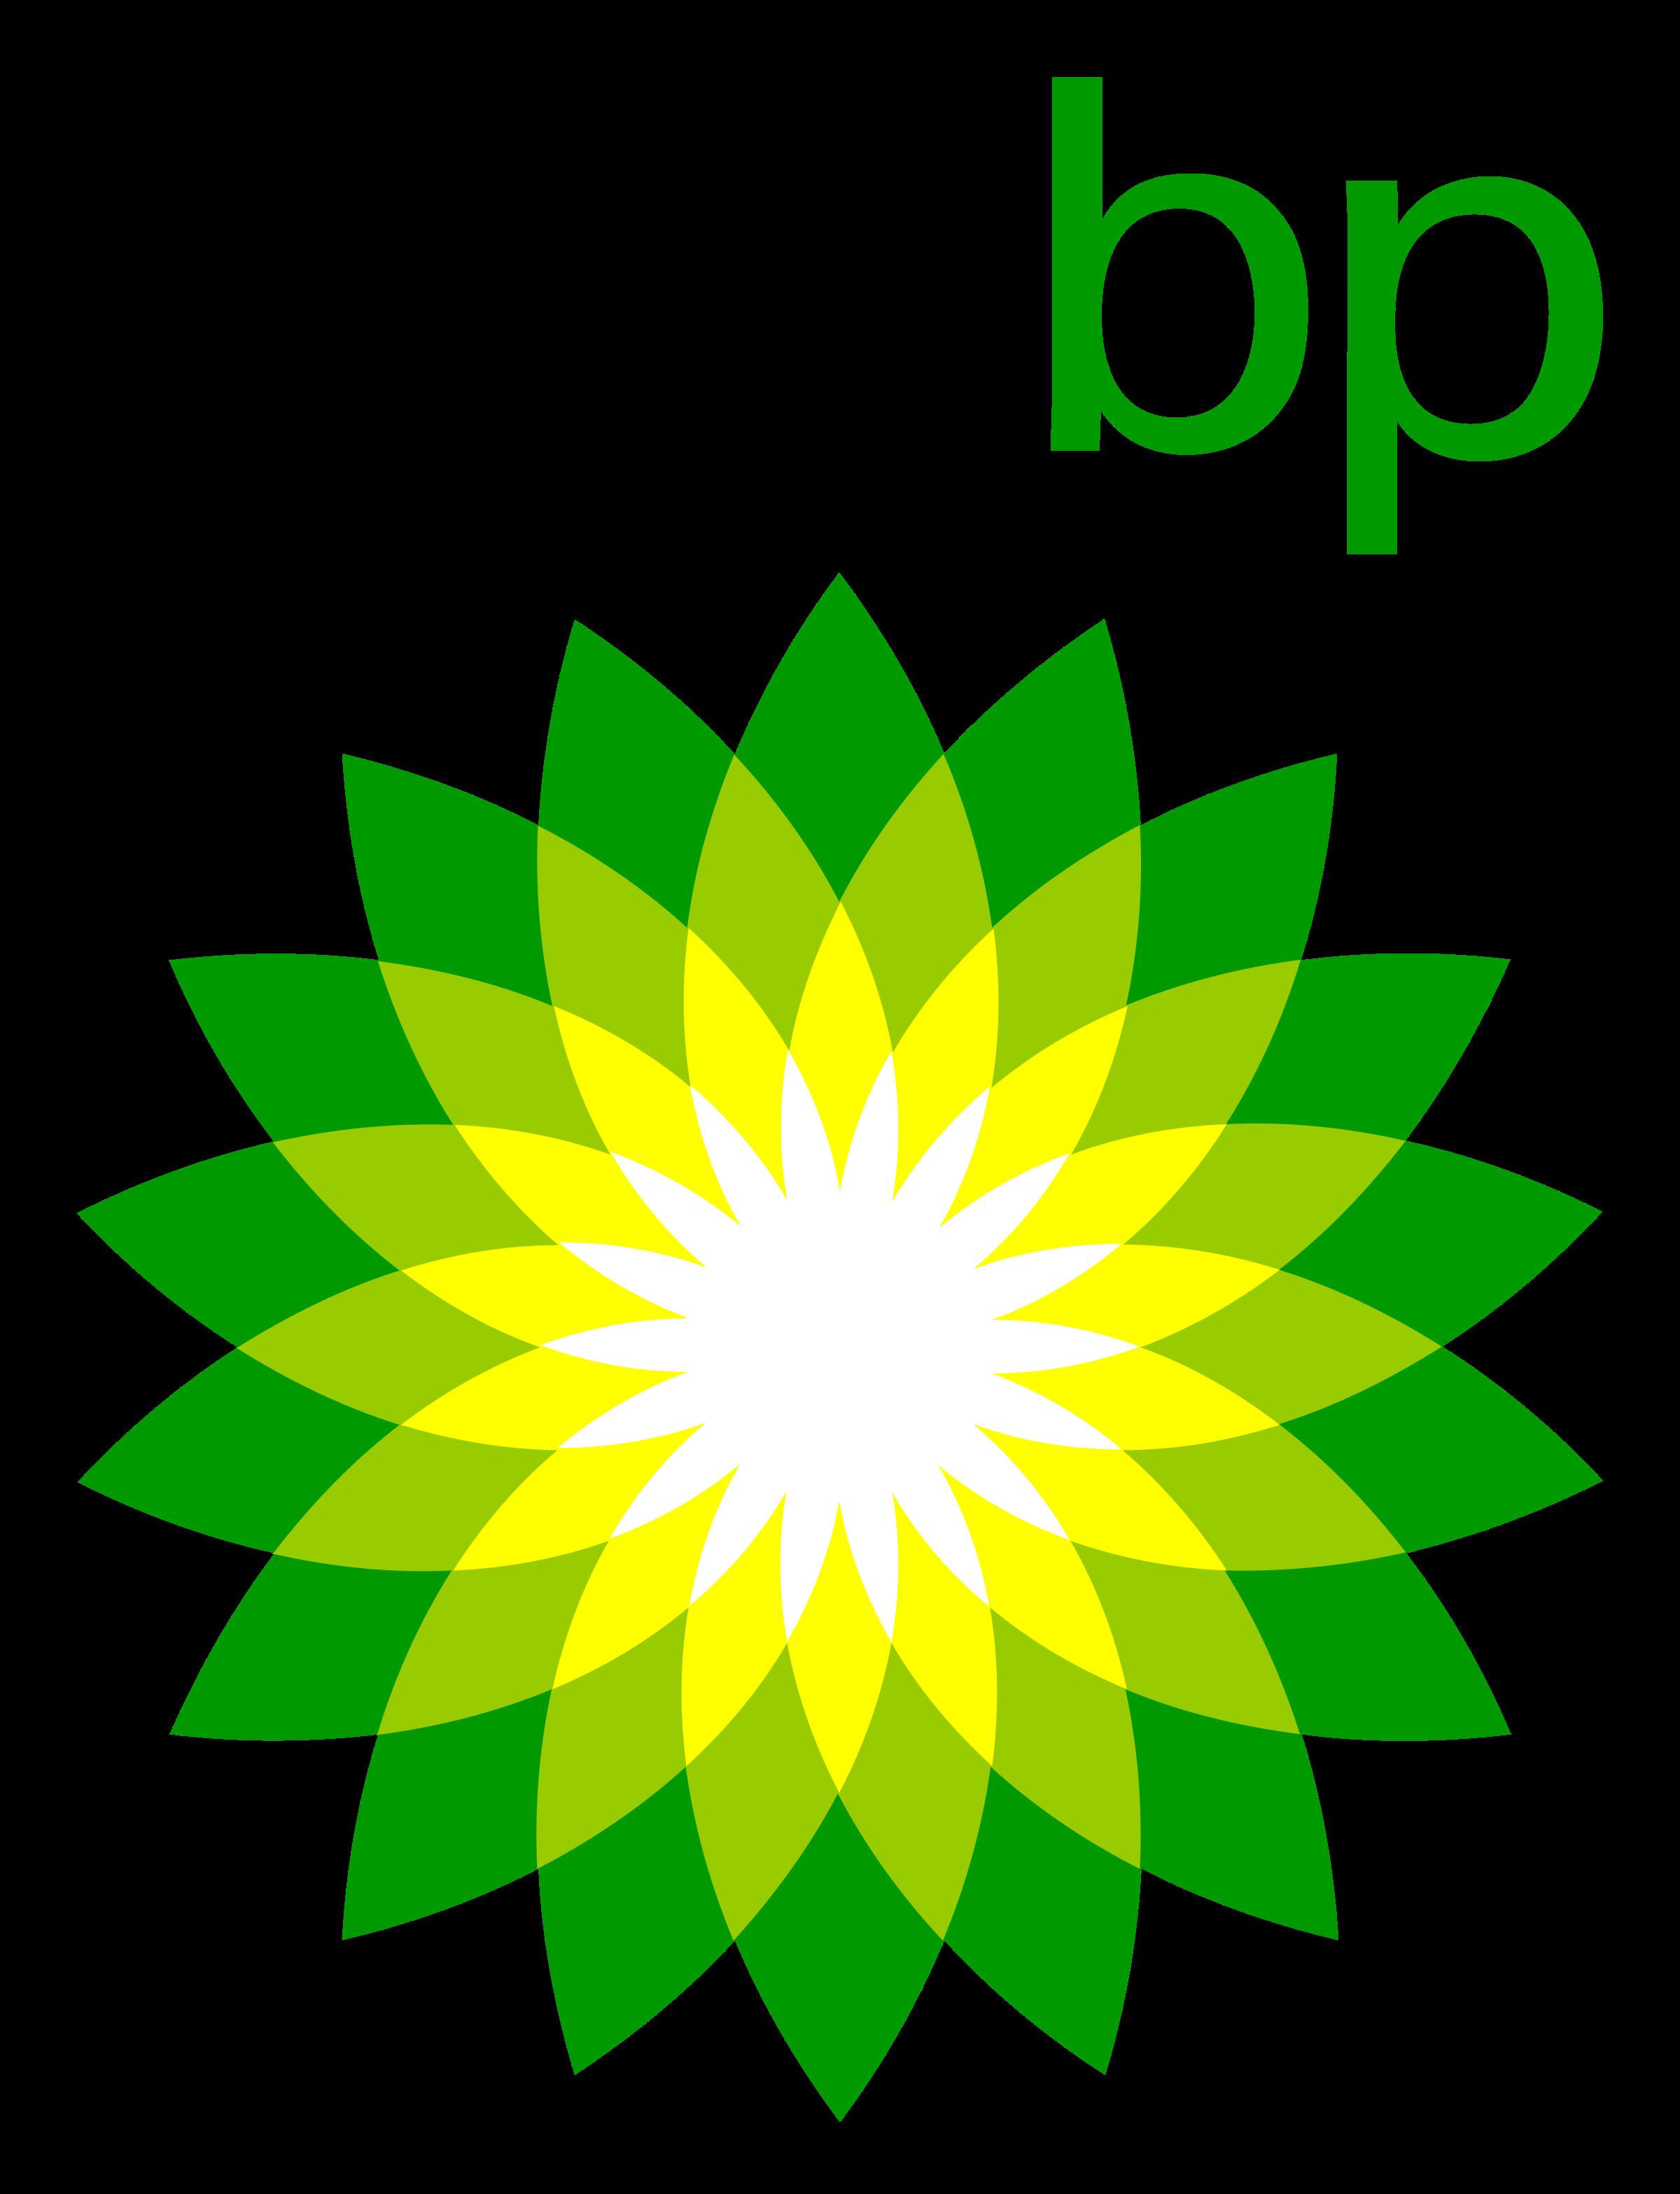 bp-logo-png-transparent